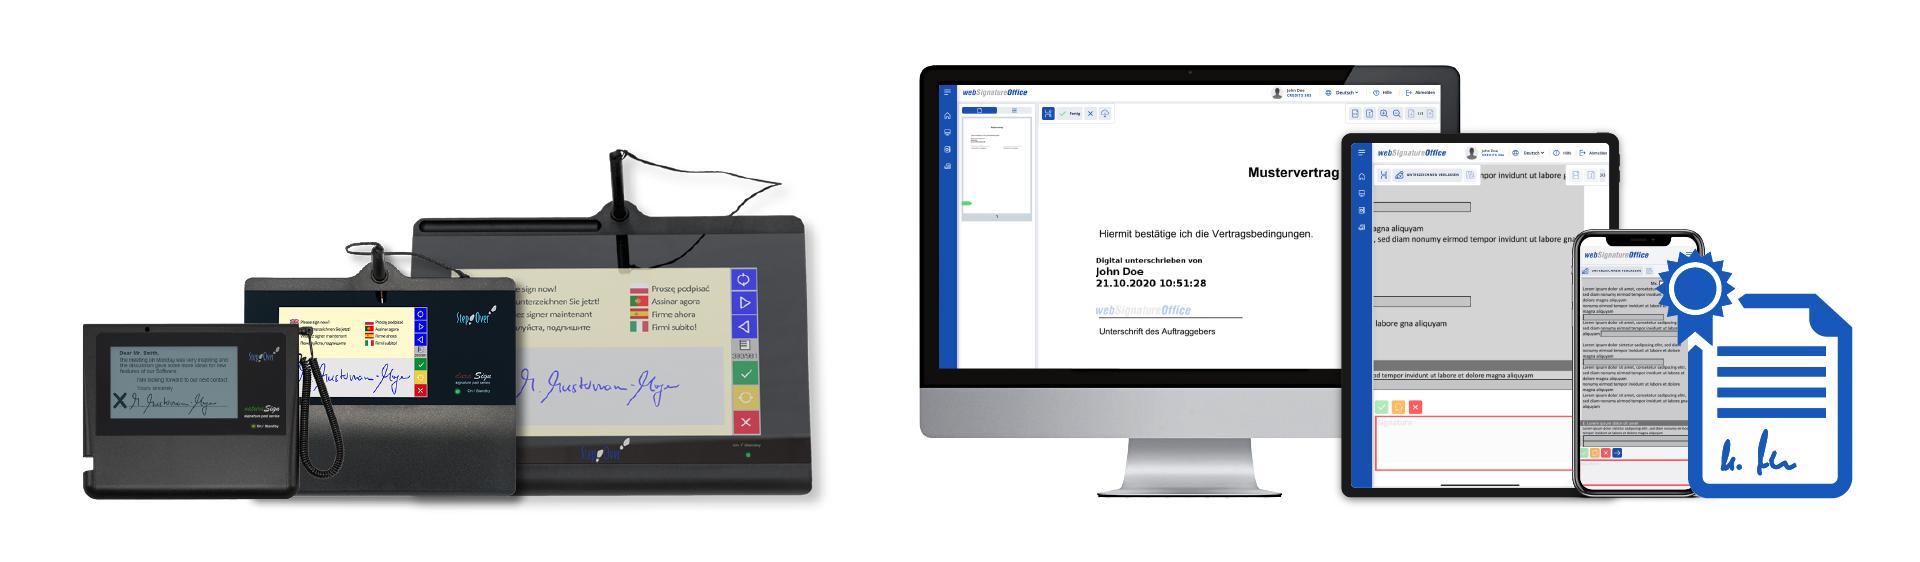 Recensioni eSignatureOffice: Firmare documenti PDF elettronicamente - appvizer